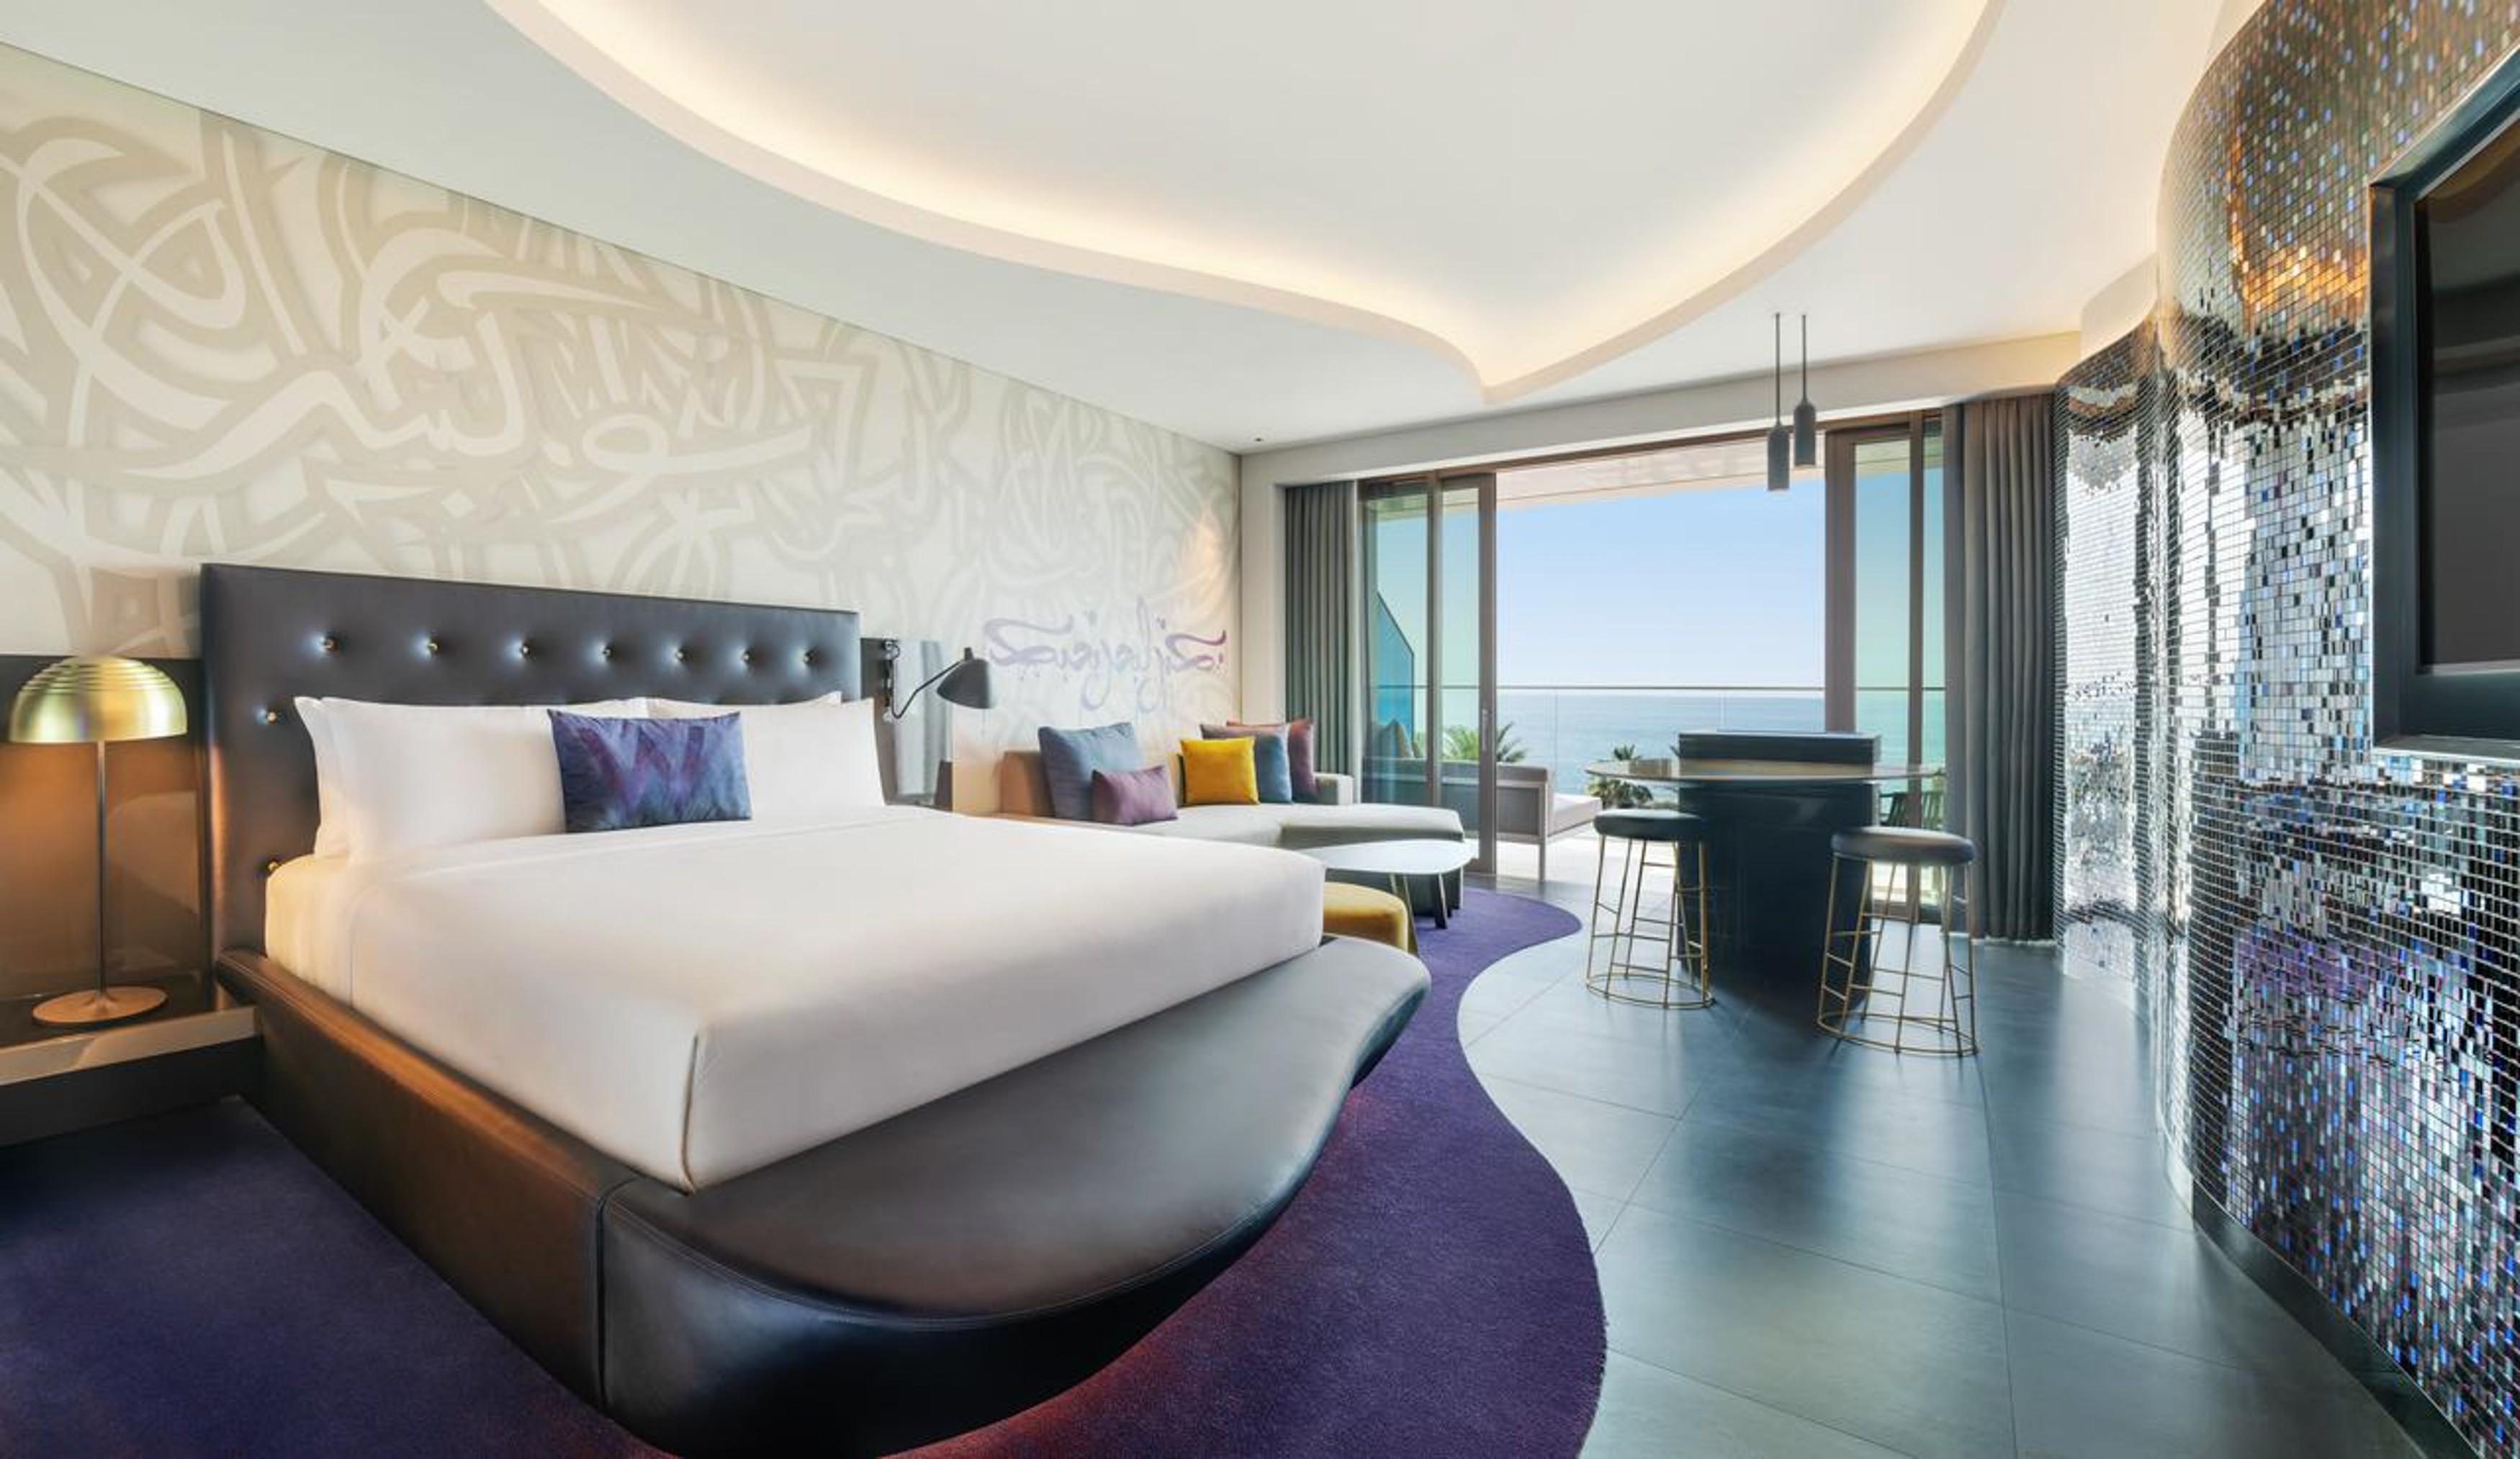 The rooms in the W Dubai are all uniquely designed